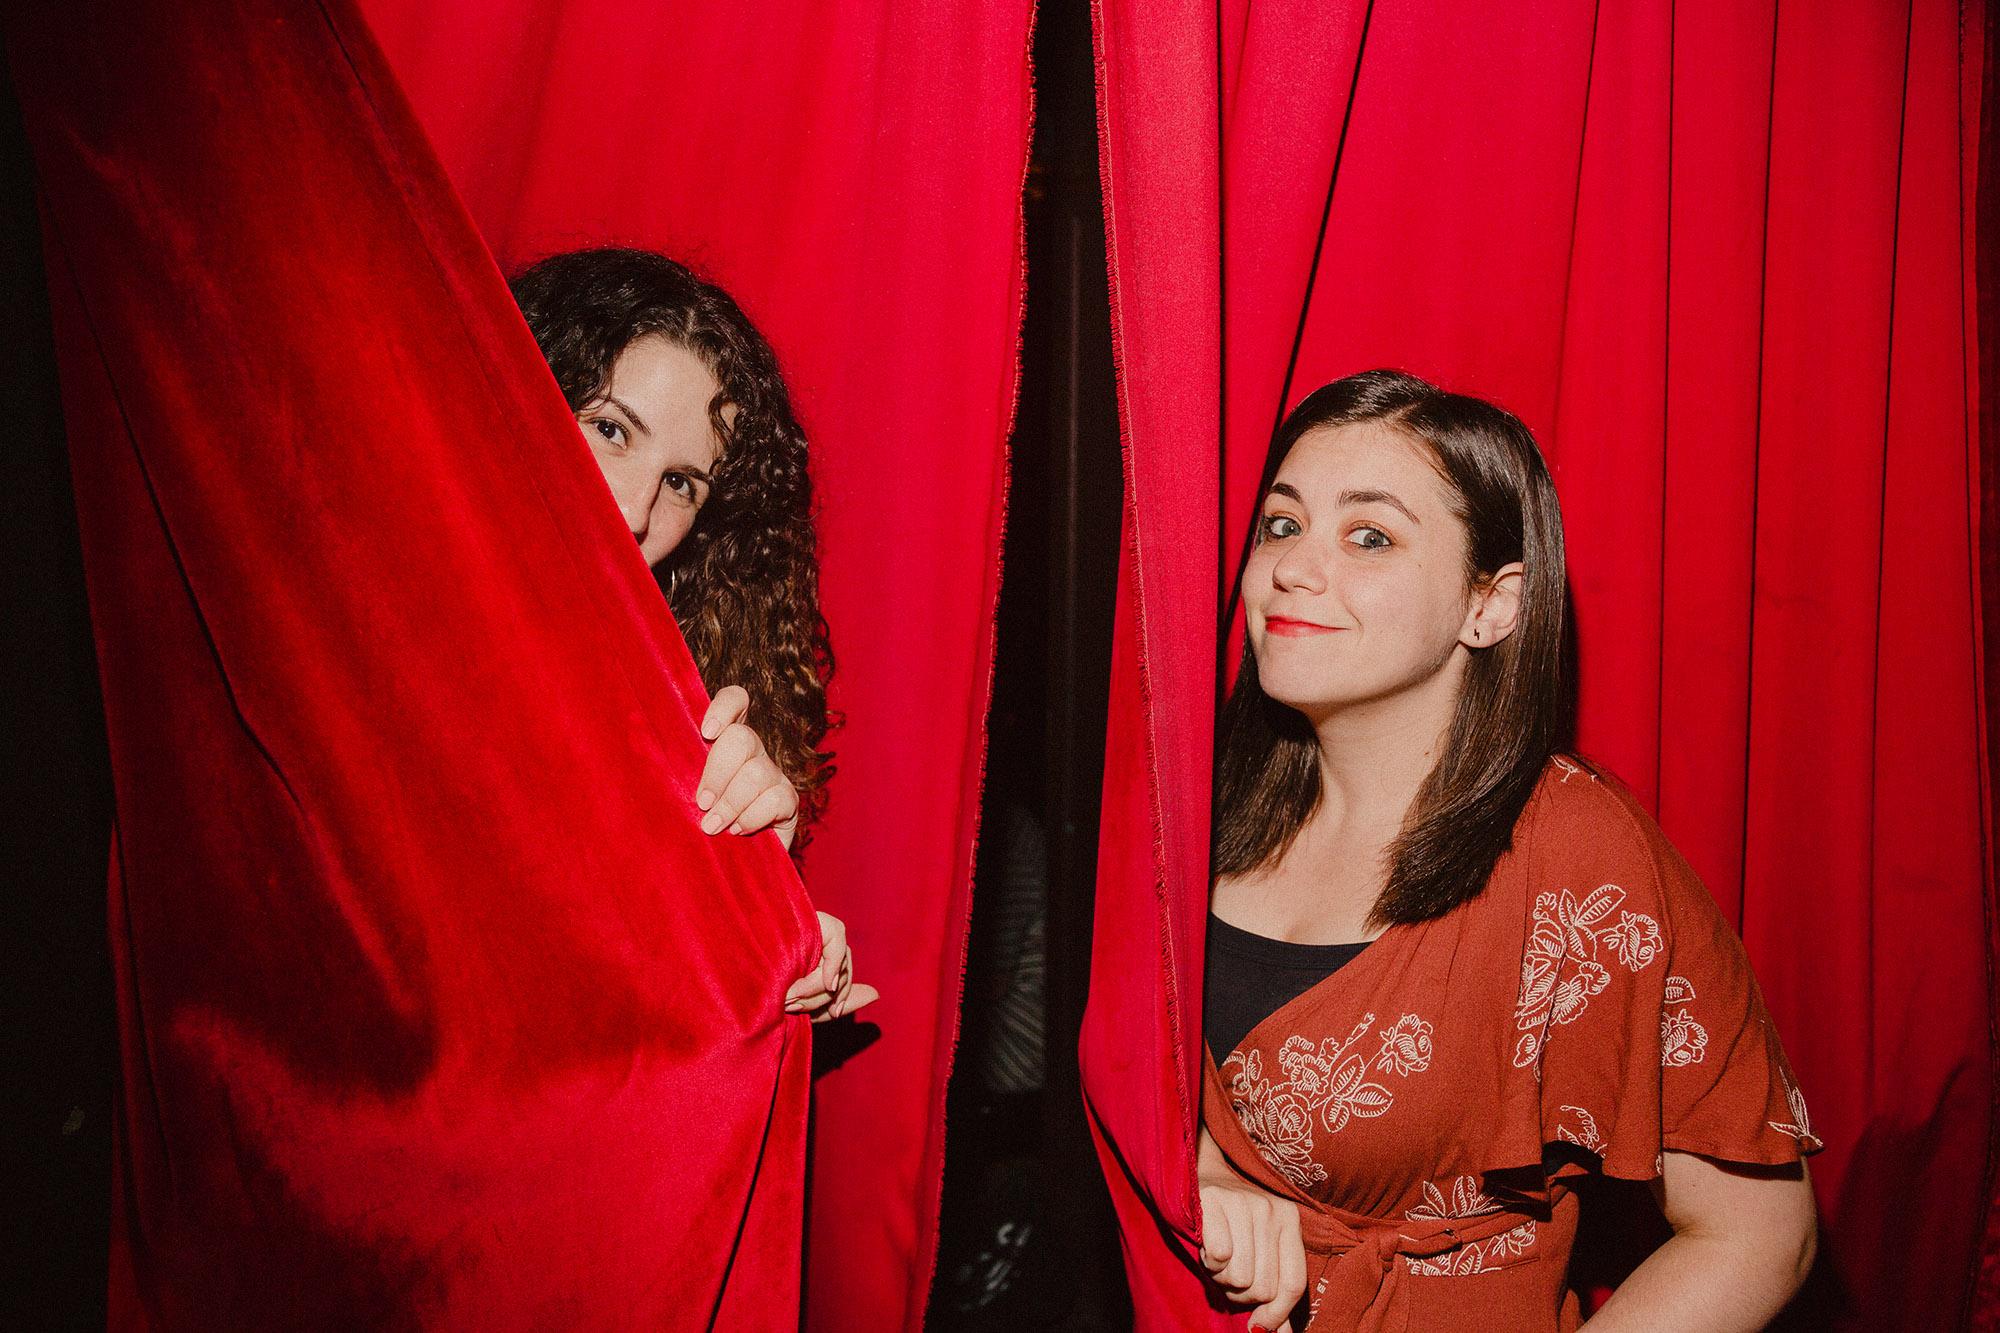 Ilana Michelle Rubin & Lana Schwartz